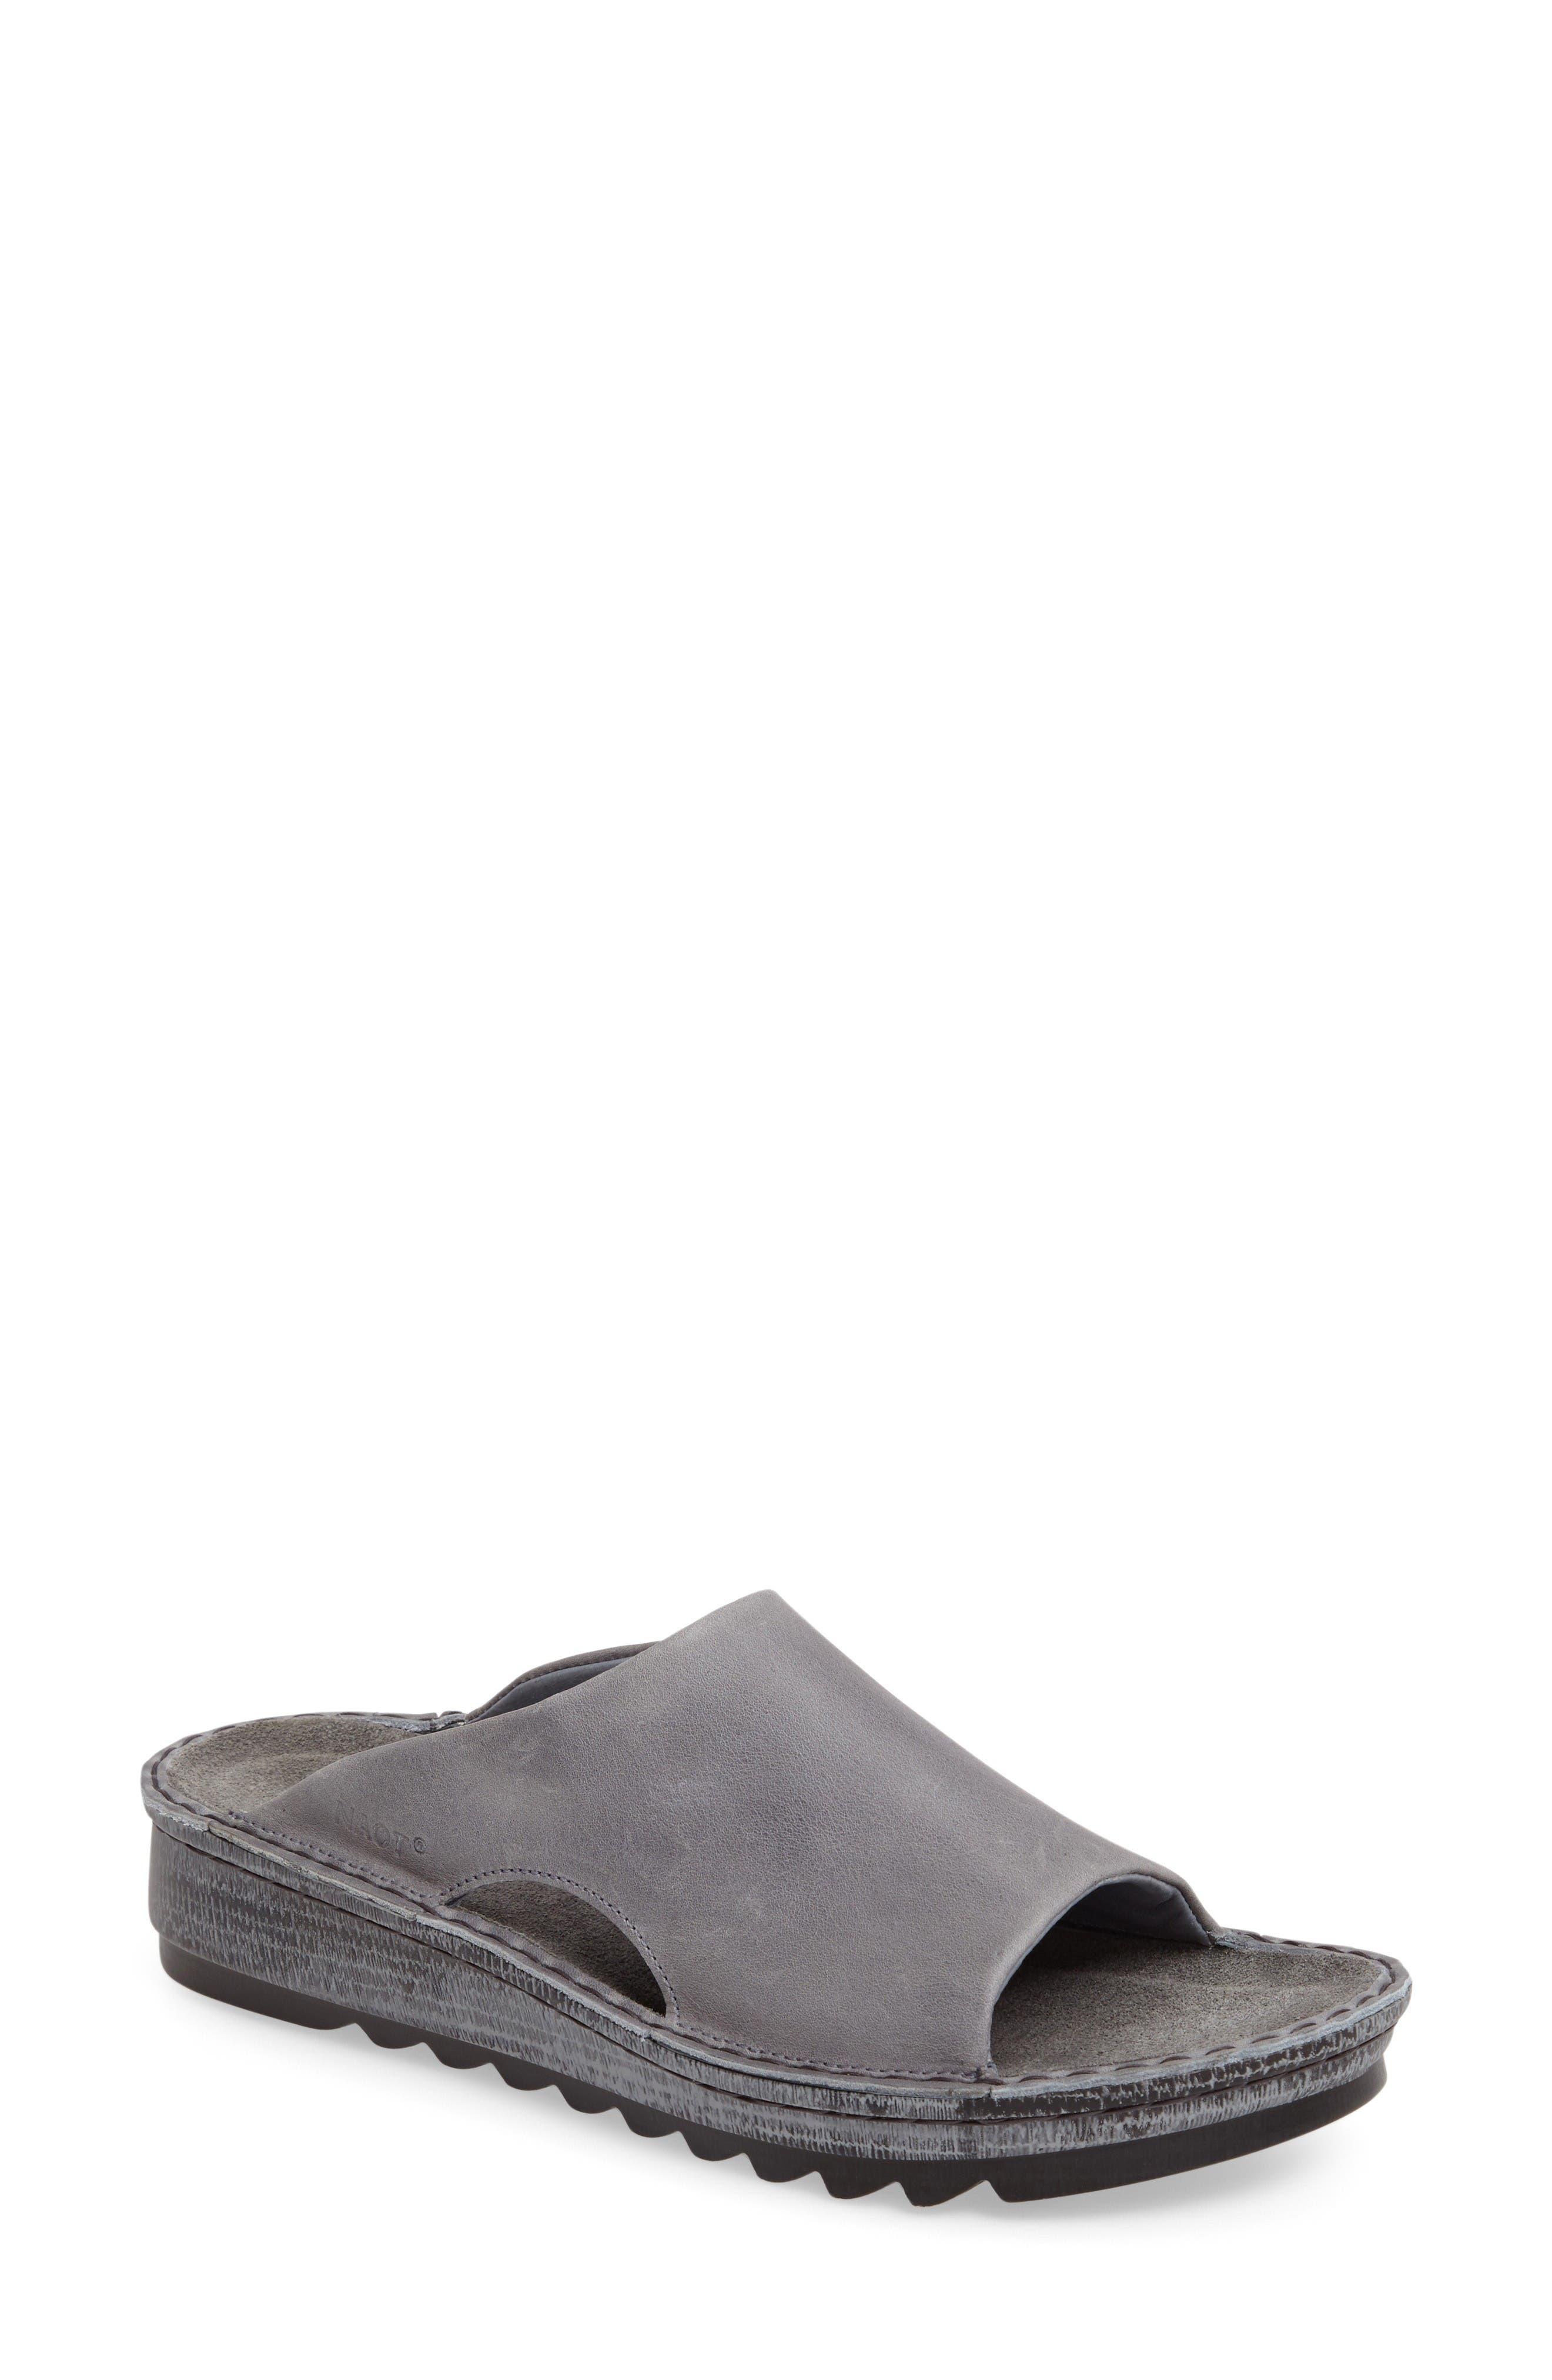 Alternate Image 1 Selected - Naot 'Ardisia' Slide Sandal (Women)